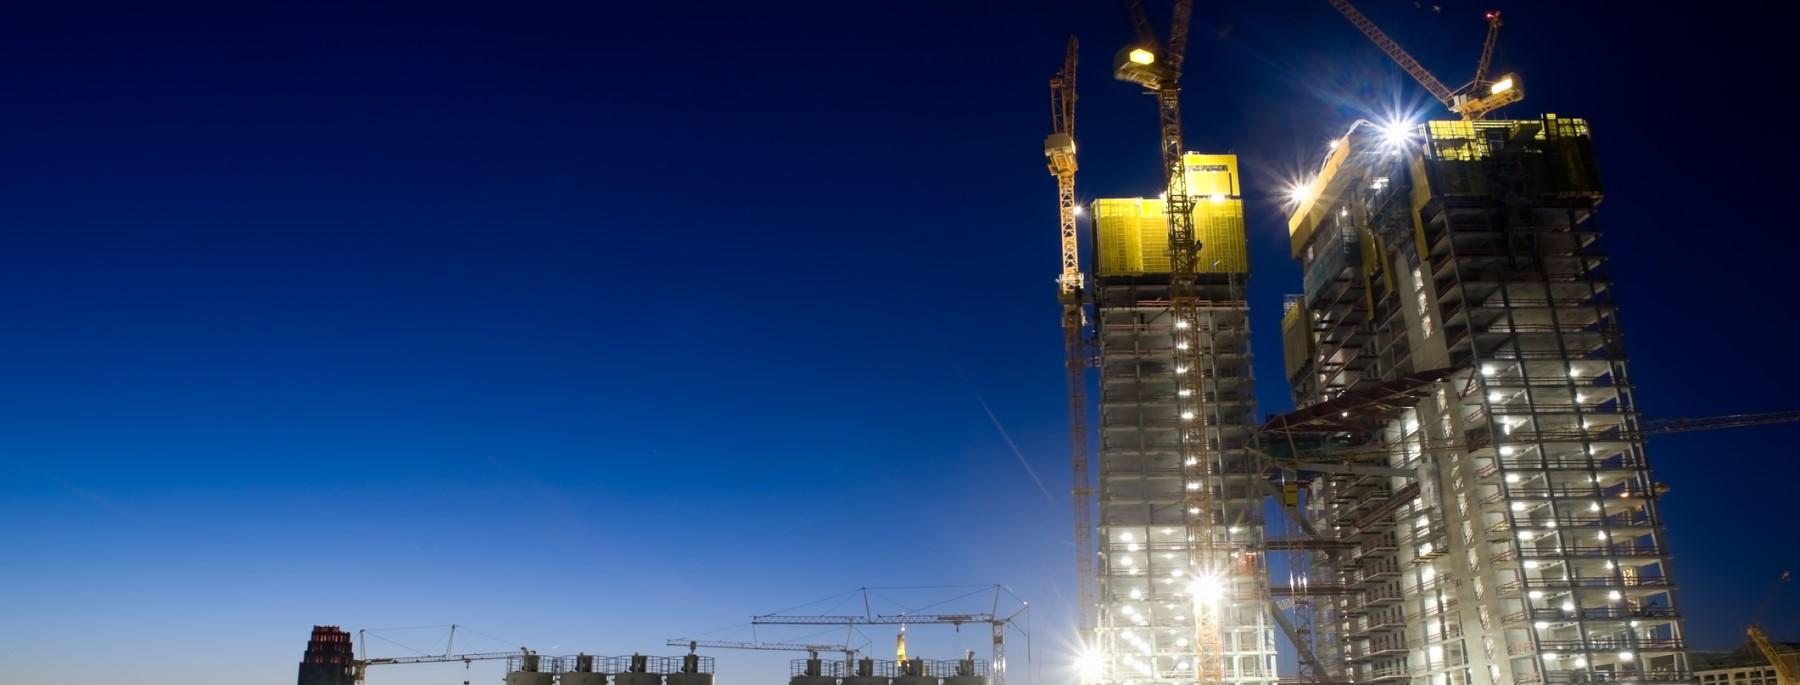 Baustellenbewachung in München